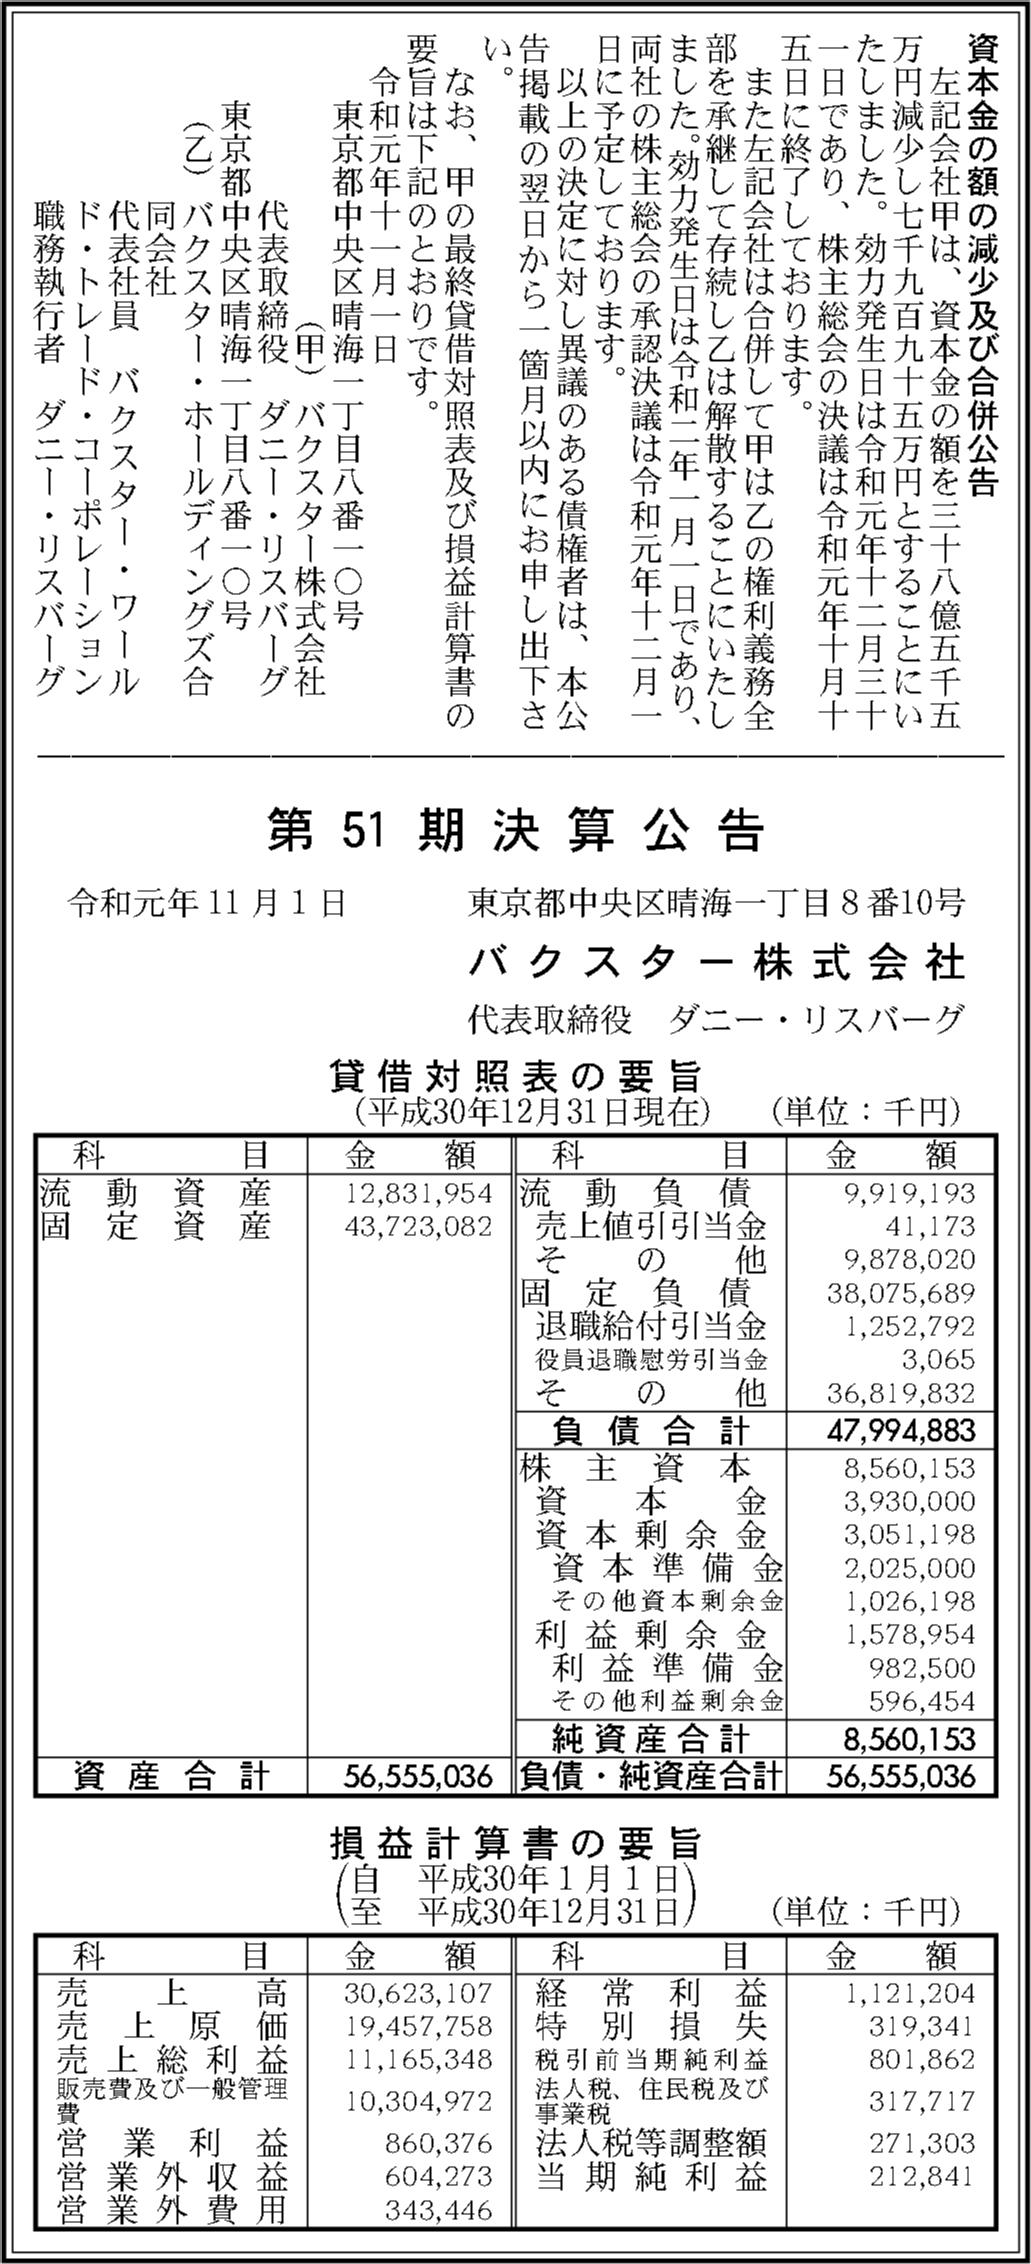 0160 053669983b0c0680d4cb1c4a8fedbf969a1bebd0728f45570aa80770f99dde4c8797118ad45373cf0a0b3443446d89ff44aff2ad2c88fc463d622018c4ec4418 03